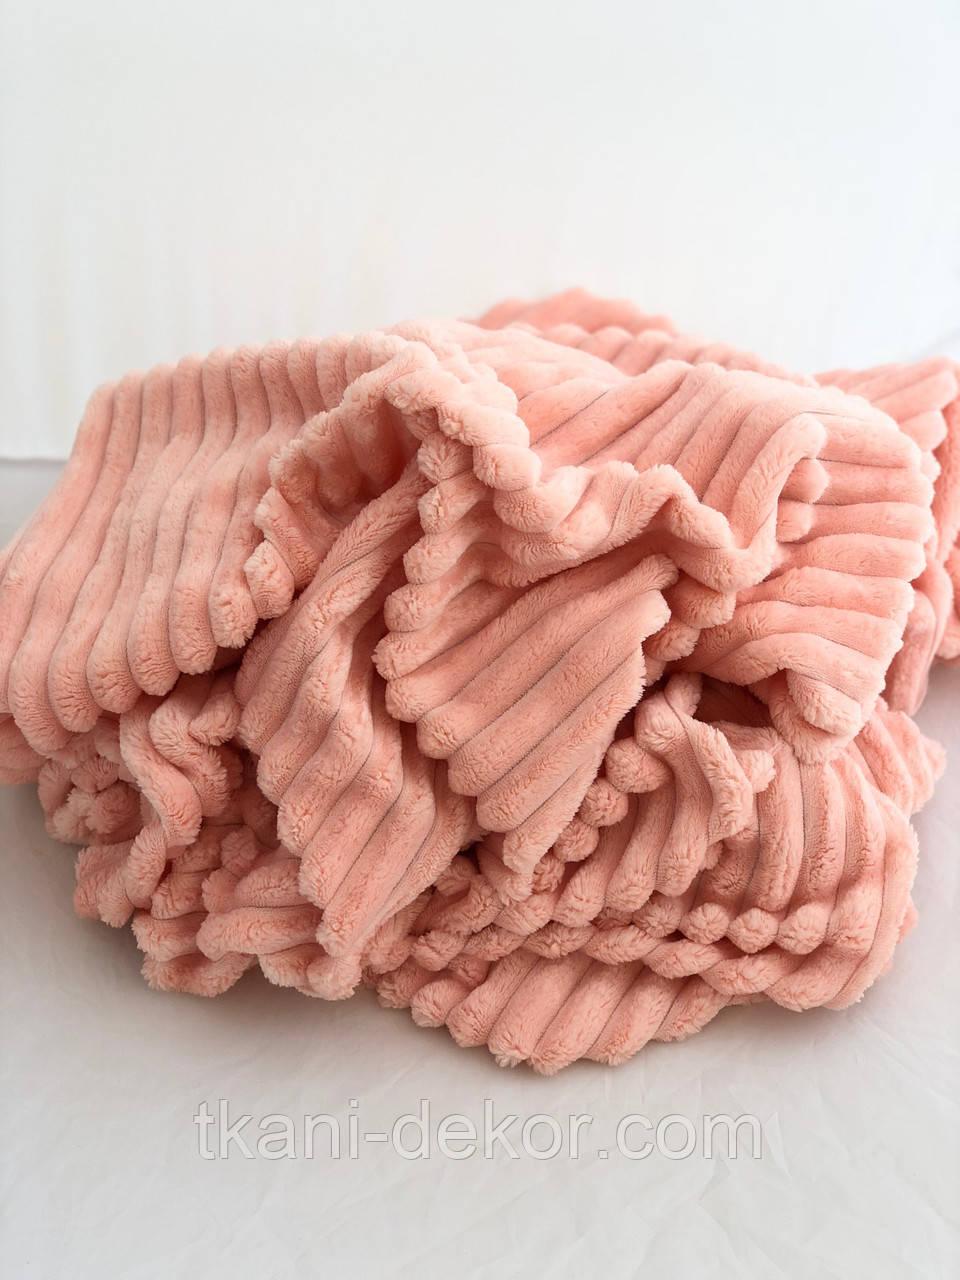 Тканина плюшева Minky Stripes персик (шарпей)